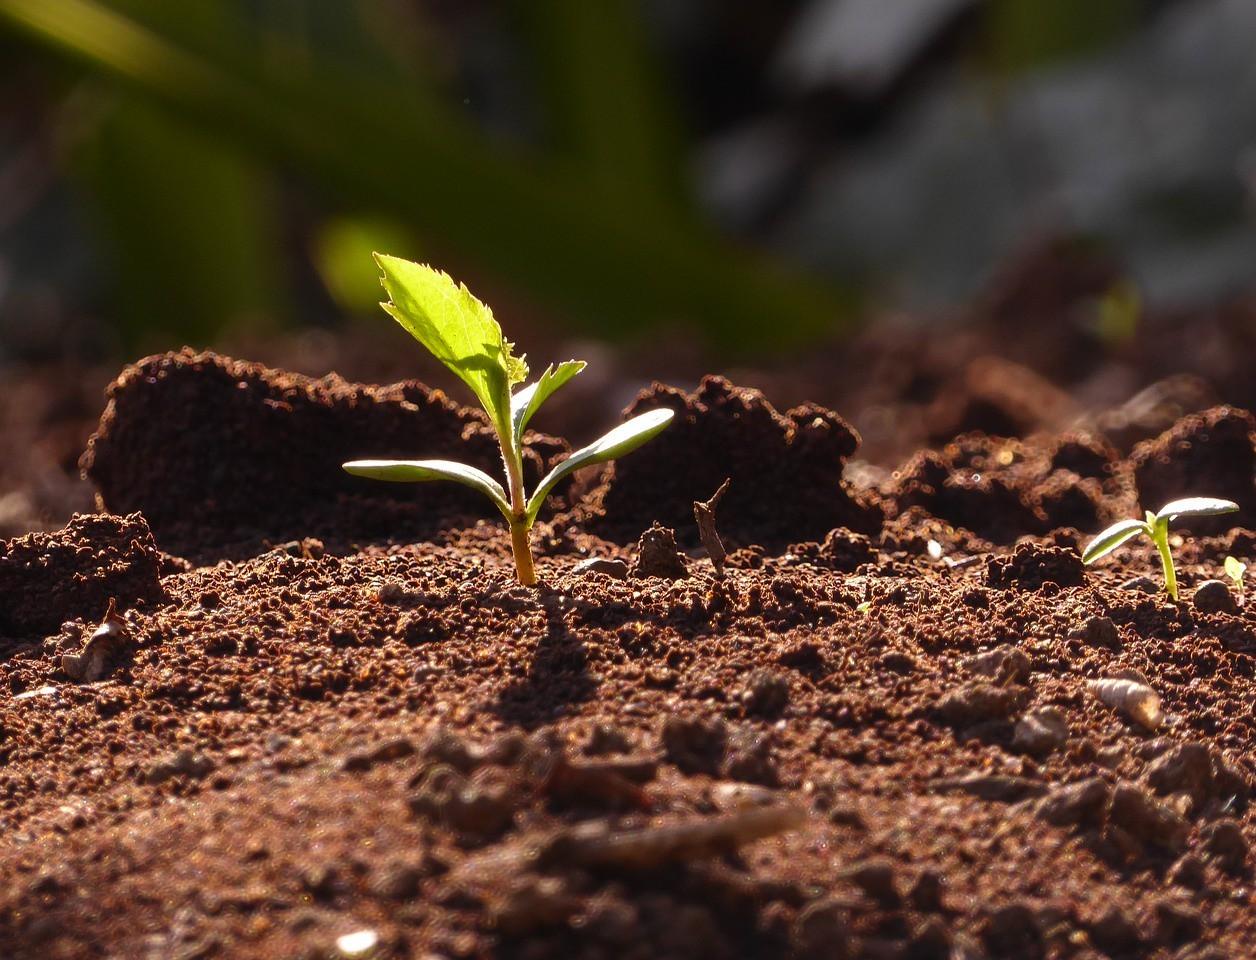 भारत में छह विभिन्न प्रकार की मिट्टी पाई जाती है क्या आप जानते थे.